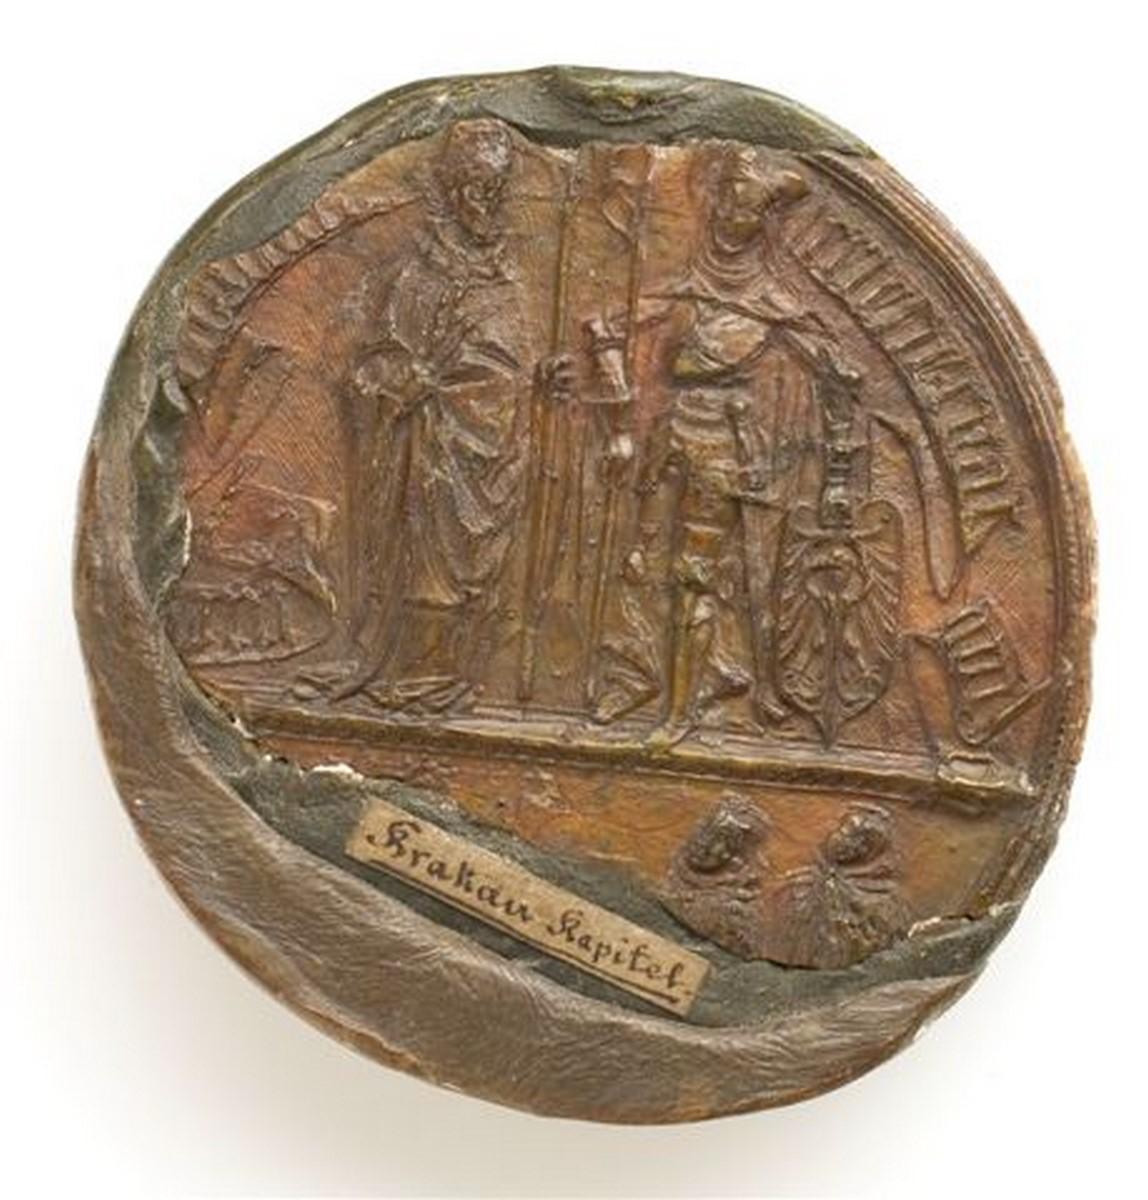 Pieczęć krakowskiej kapituły katedralnej, 2 poł. XV w. (źródło: materiały prasowe organizatora)